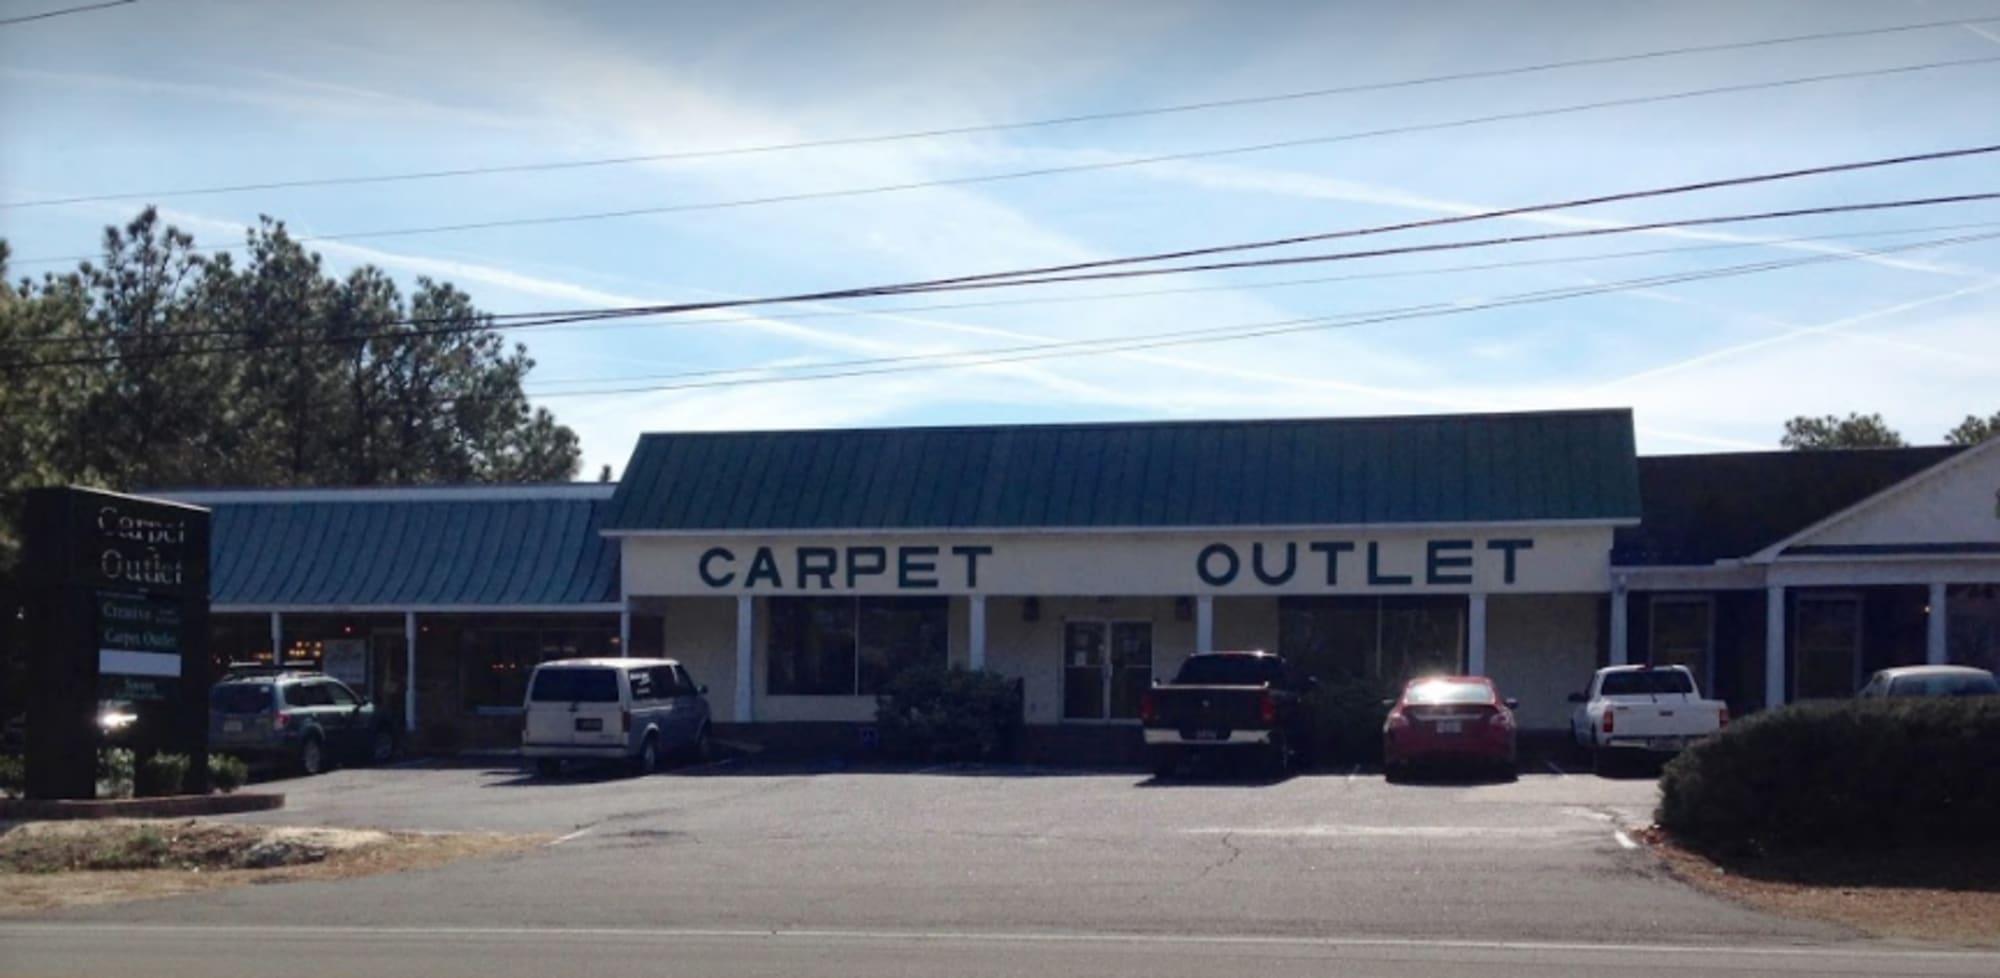 Carpet Outlet INC. - 1123 US-1 Lugoff, SC 29078